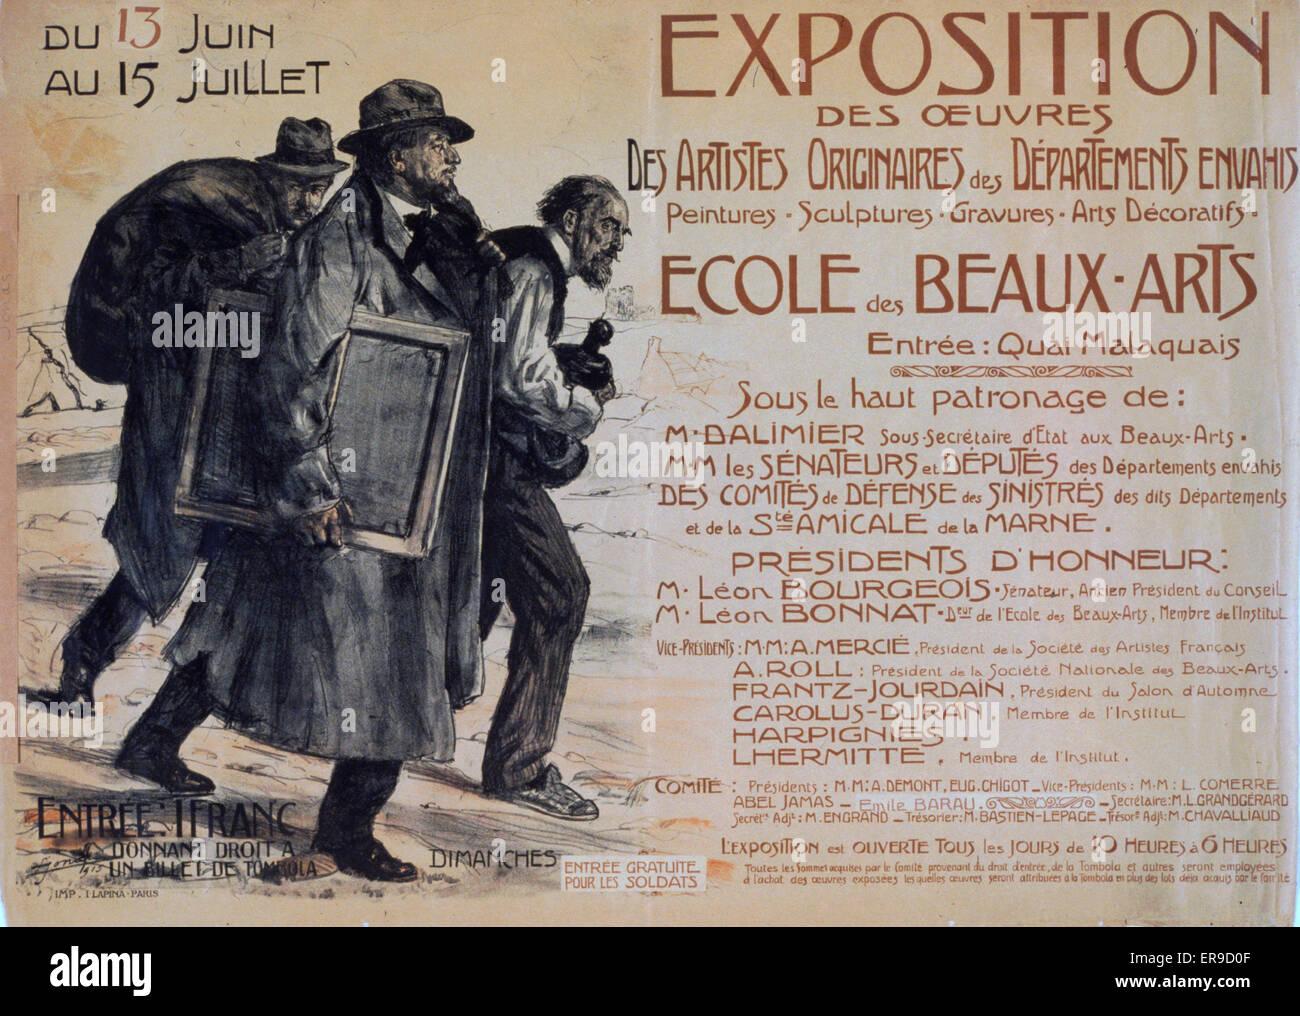 Exposition des oeuvres des artistes originaires des Departements envahis. Ecole des Beaux-Arts. Three artists, the - Stock Image